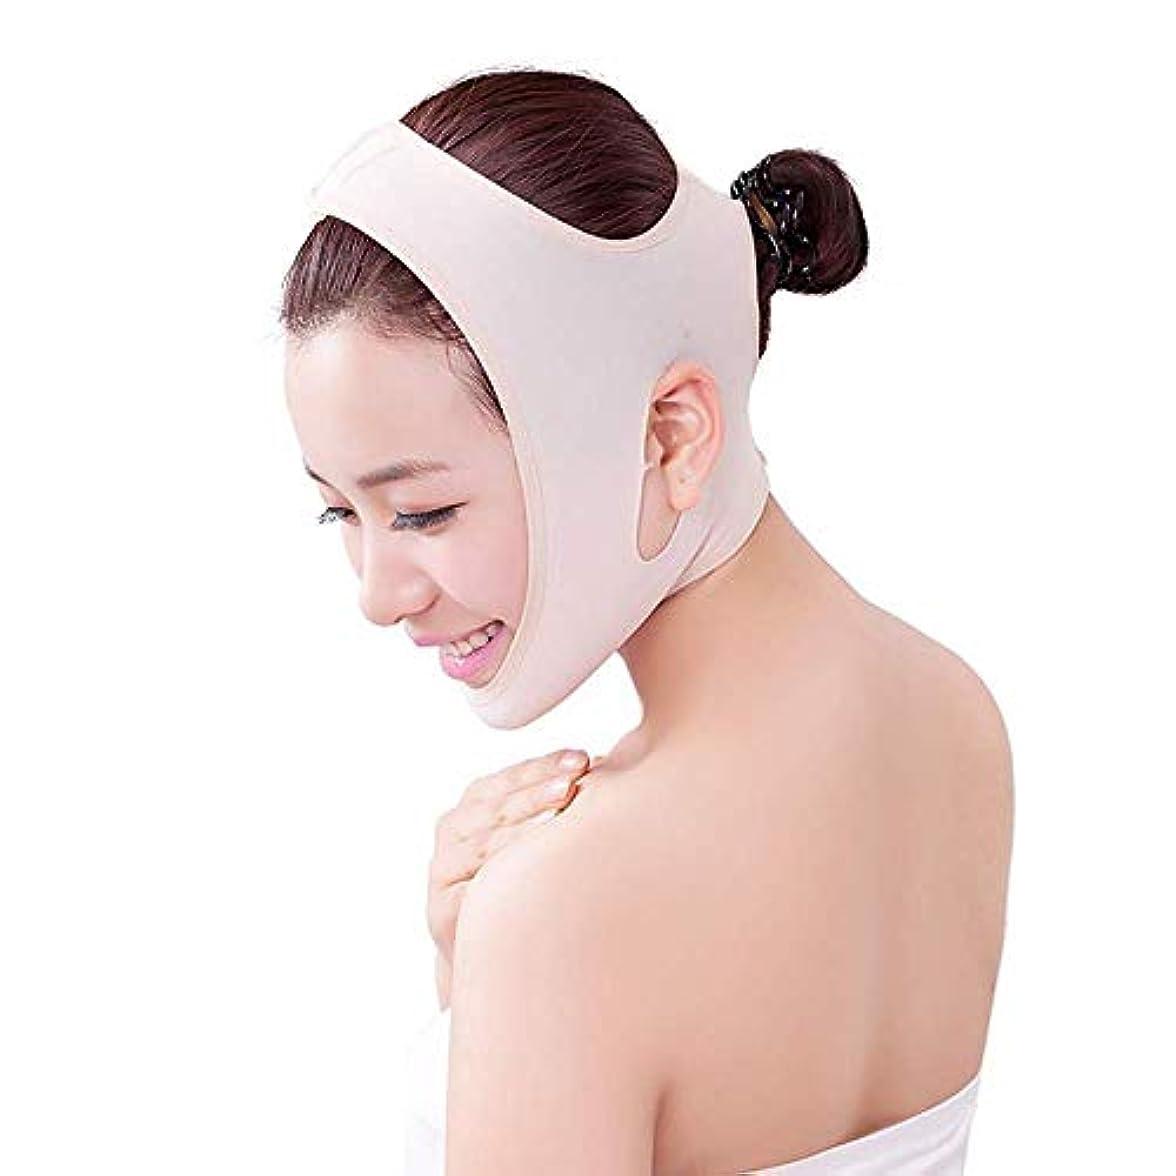 不可能な導出既婚薄型フェイスベルト - 男性用および女性用の包帯をフランスの顔用リフティングマスク器具に引き締める薄型フェイスVフェイス薄型ダブルチンフェイスリフティングベルト(サイズ:M),L